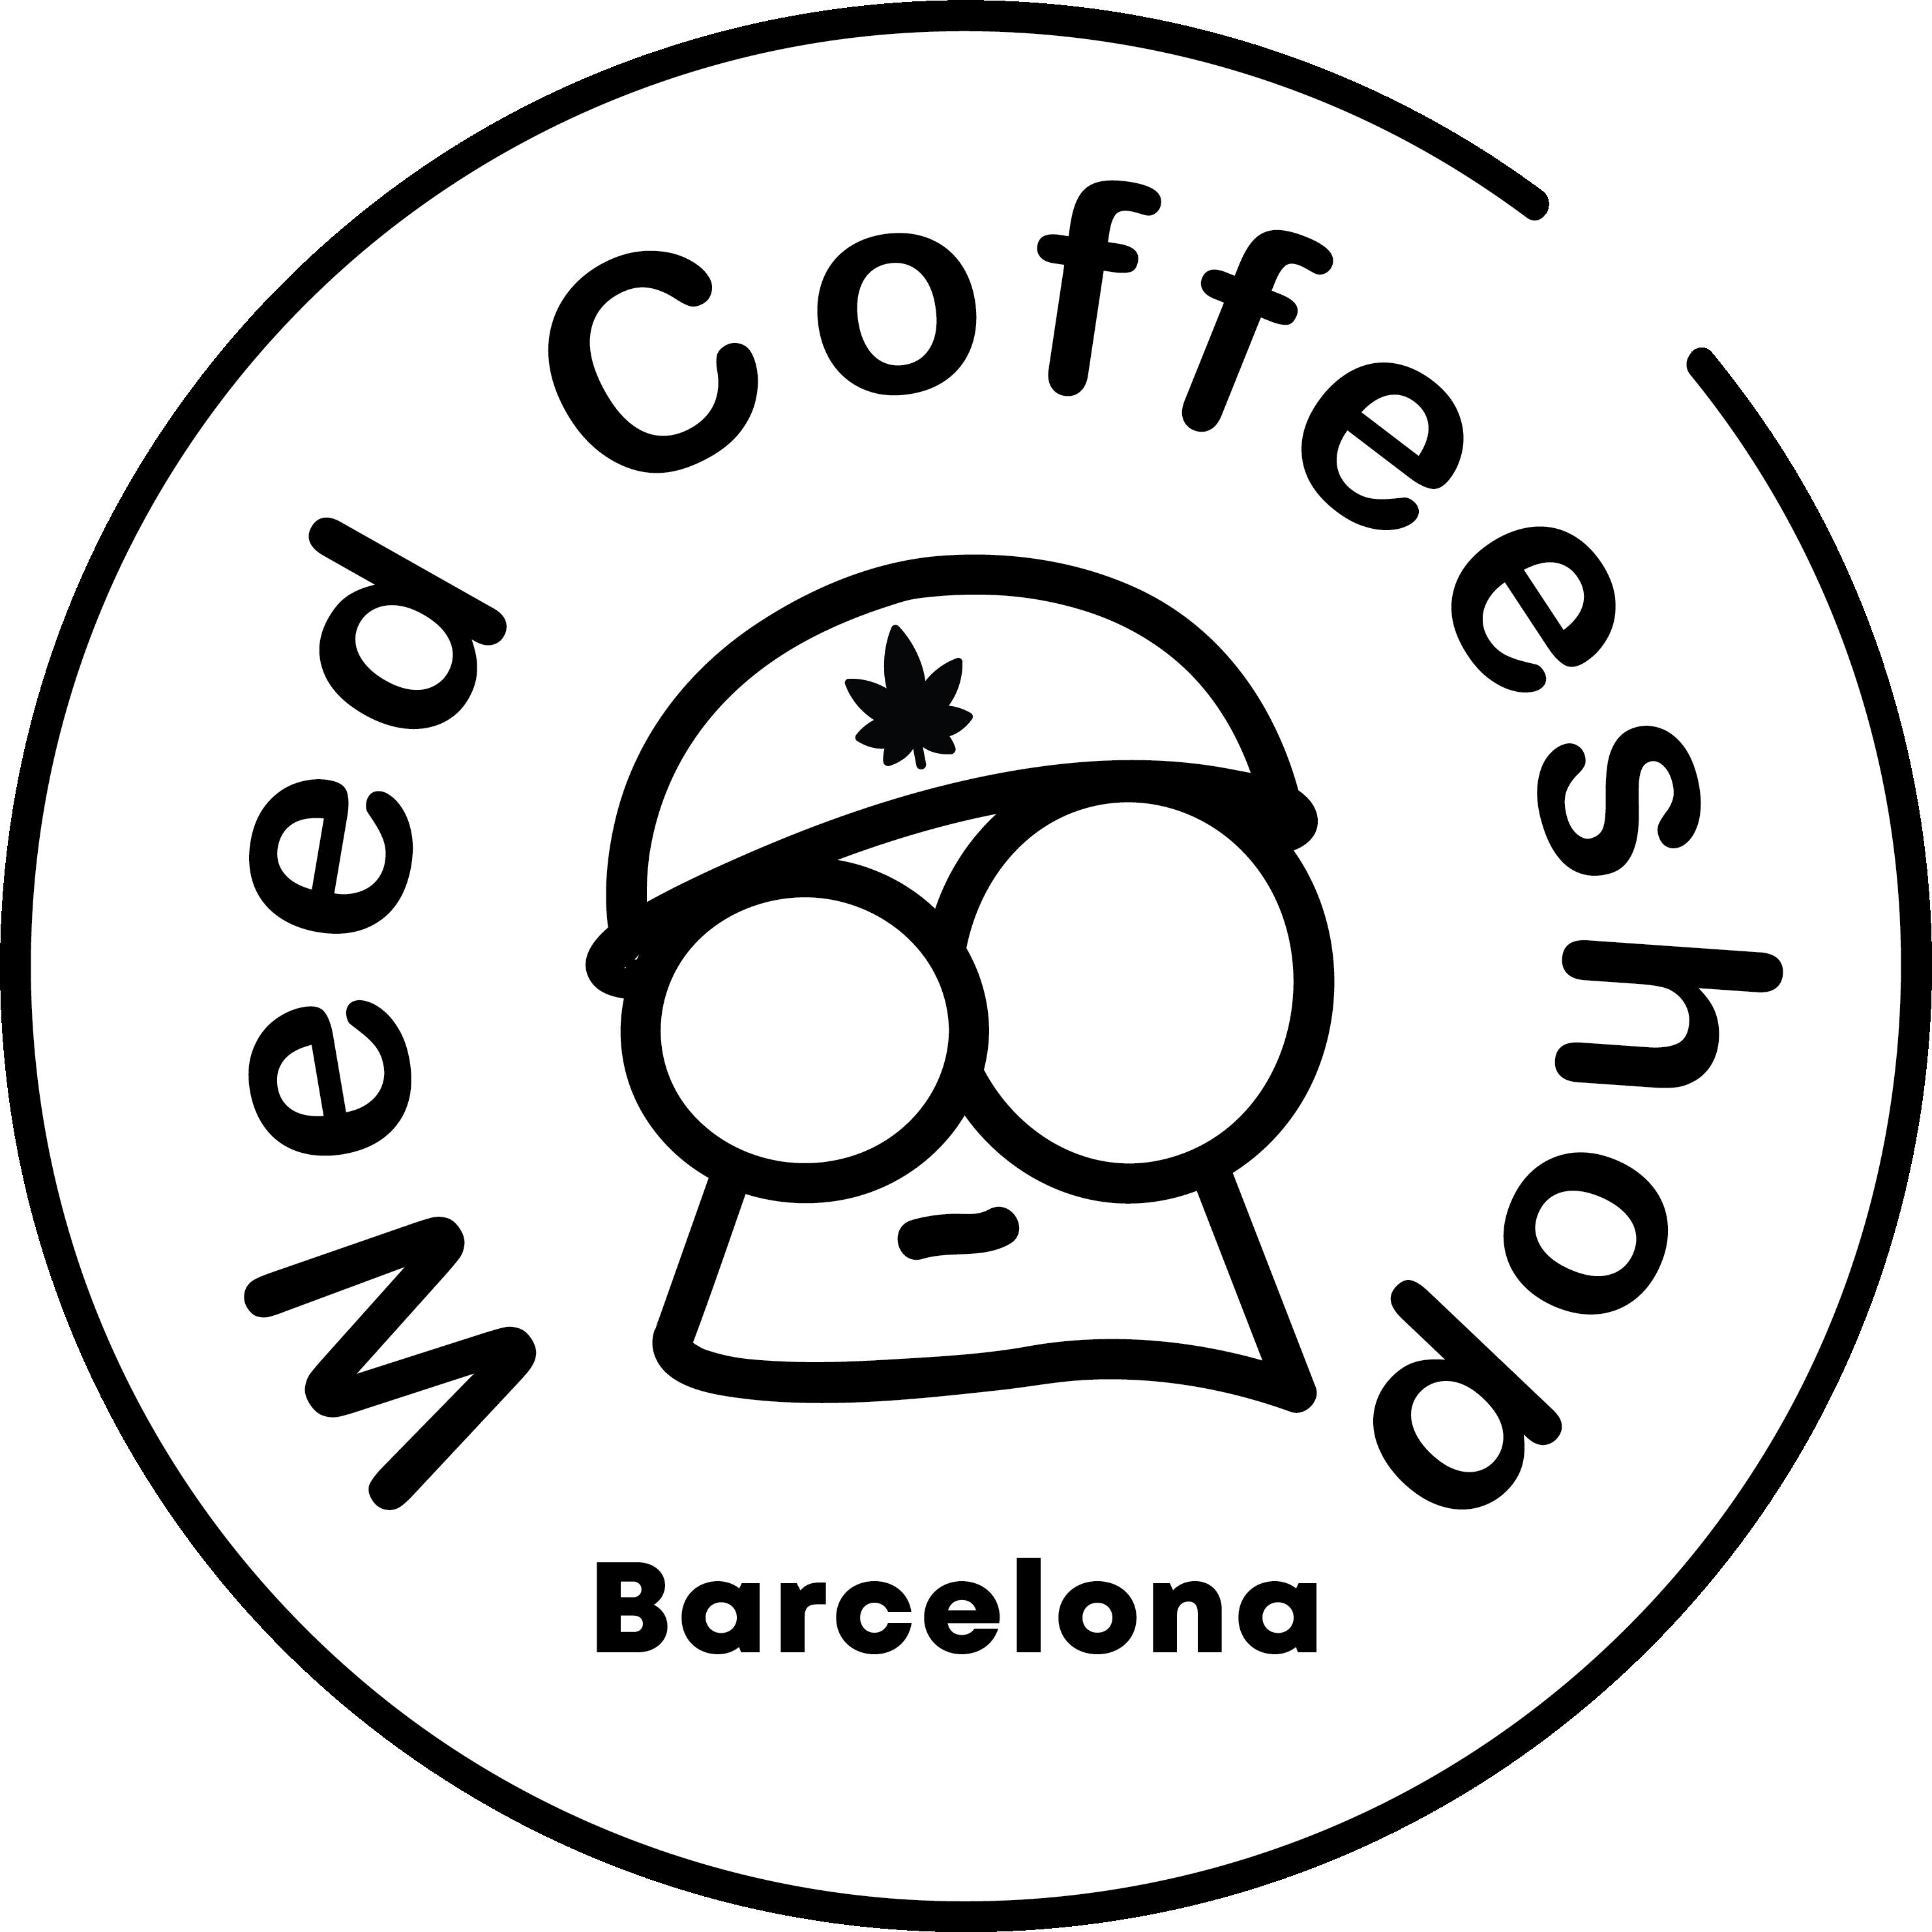 Weed Coffeeshop Barcelona Logo